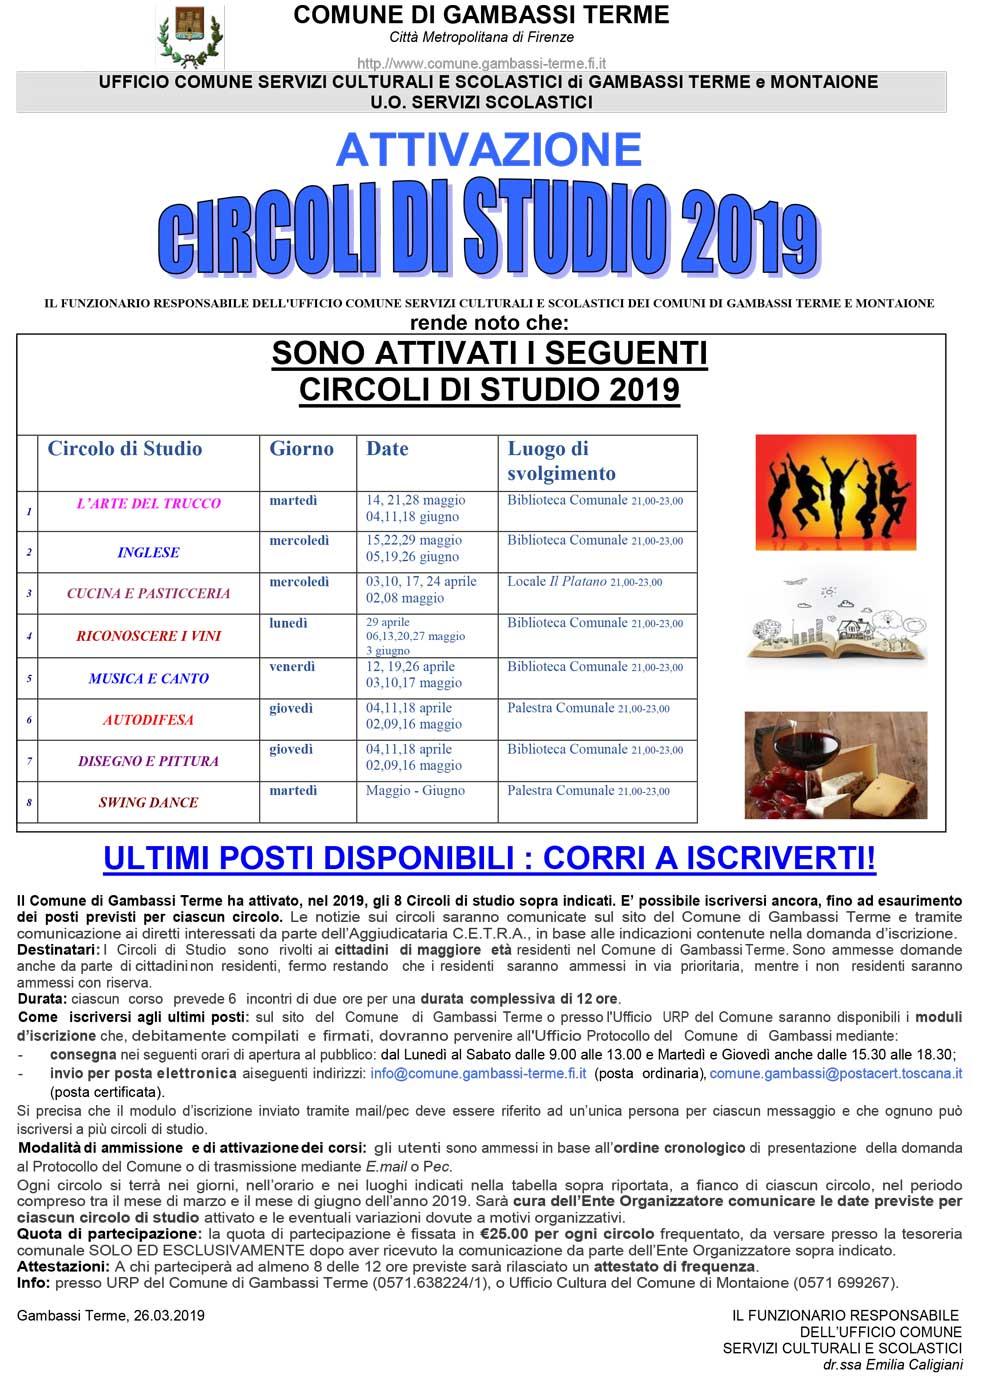 Circoli-di-studio-2019